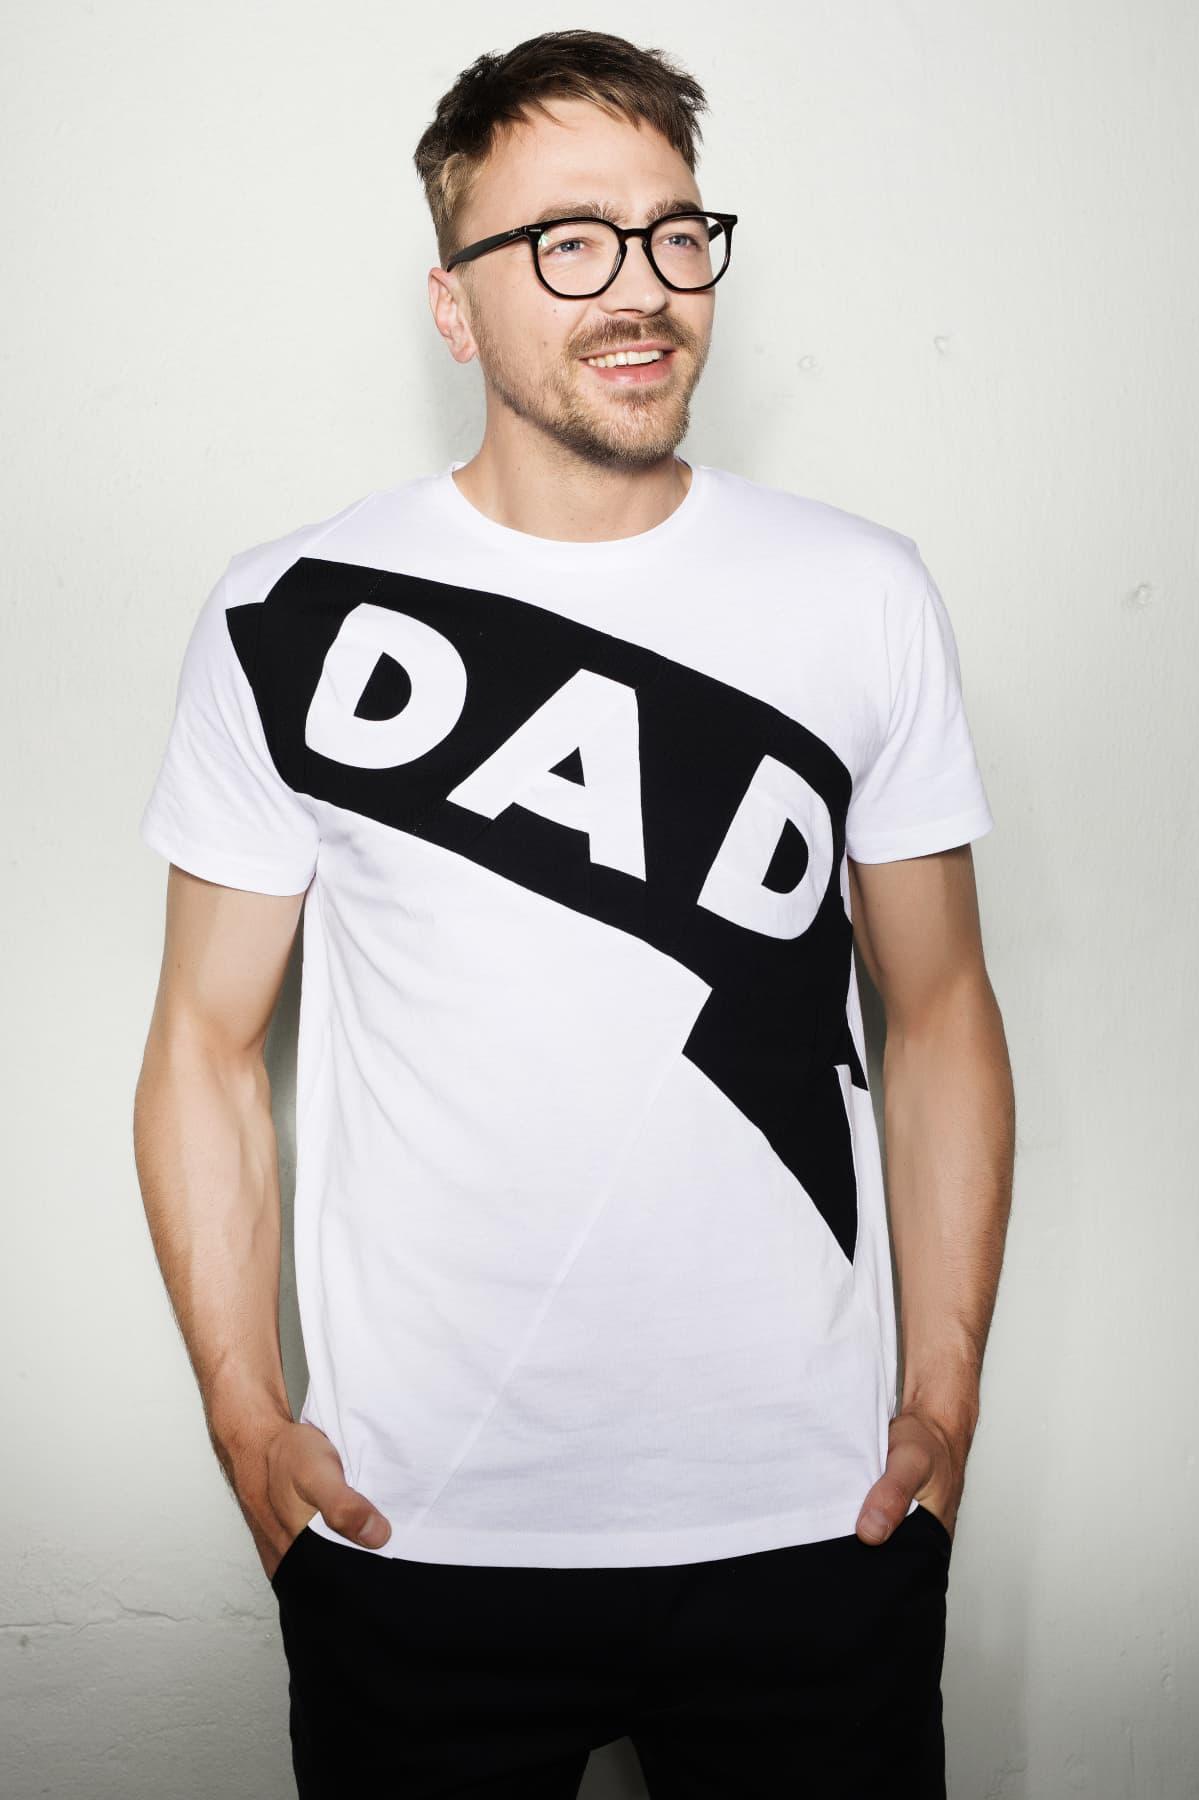 t-paita miehen päällä, siinä lukee dad